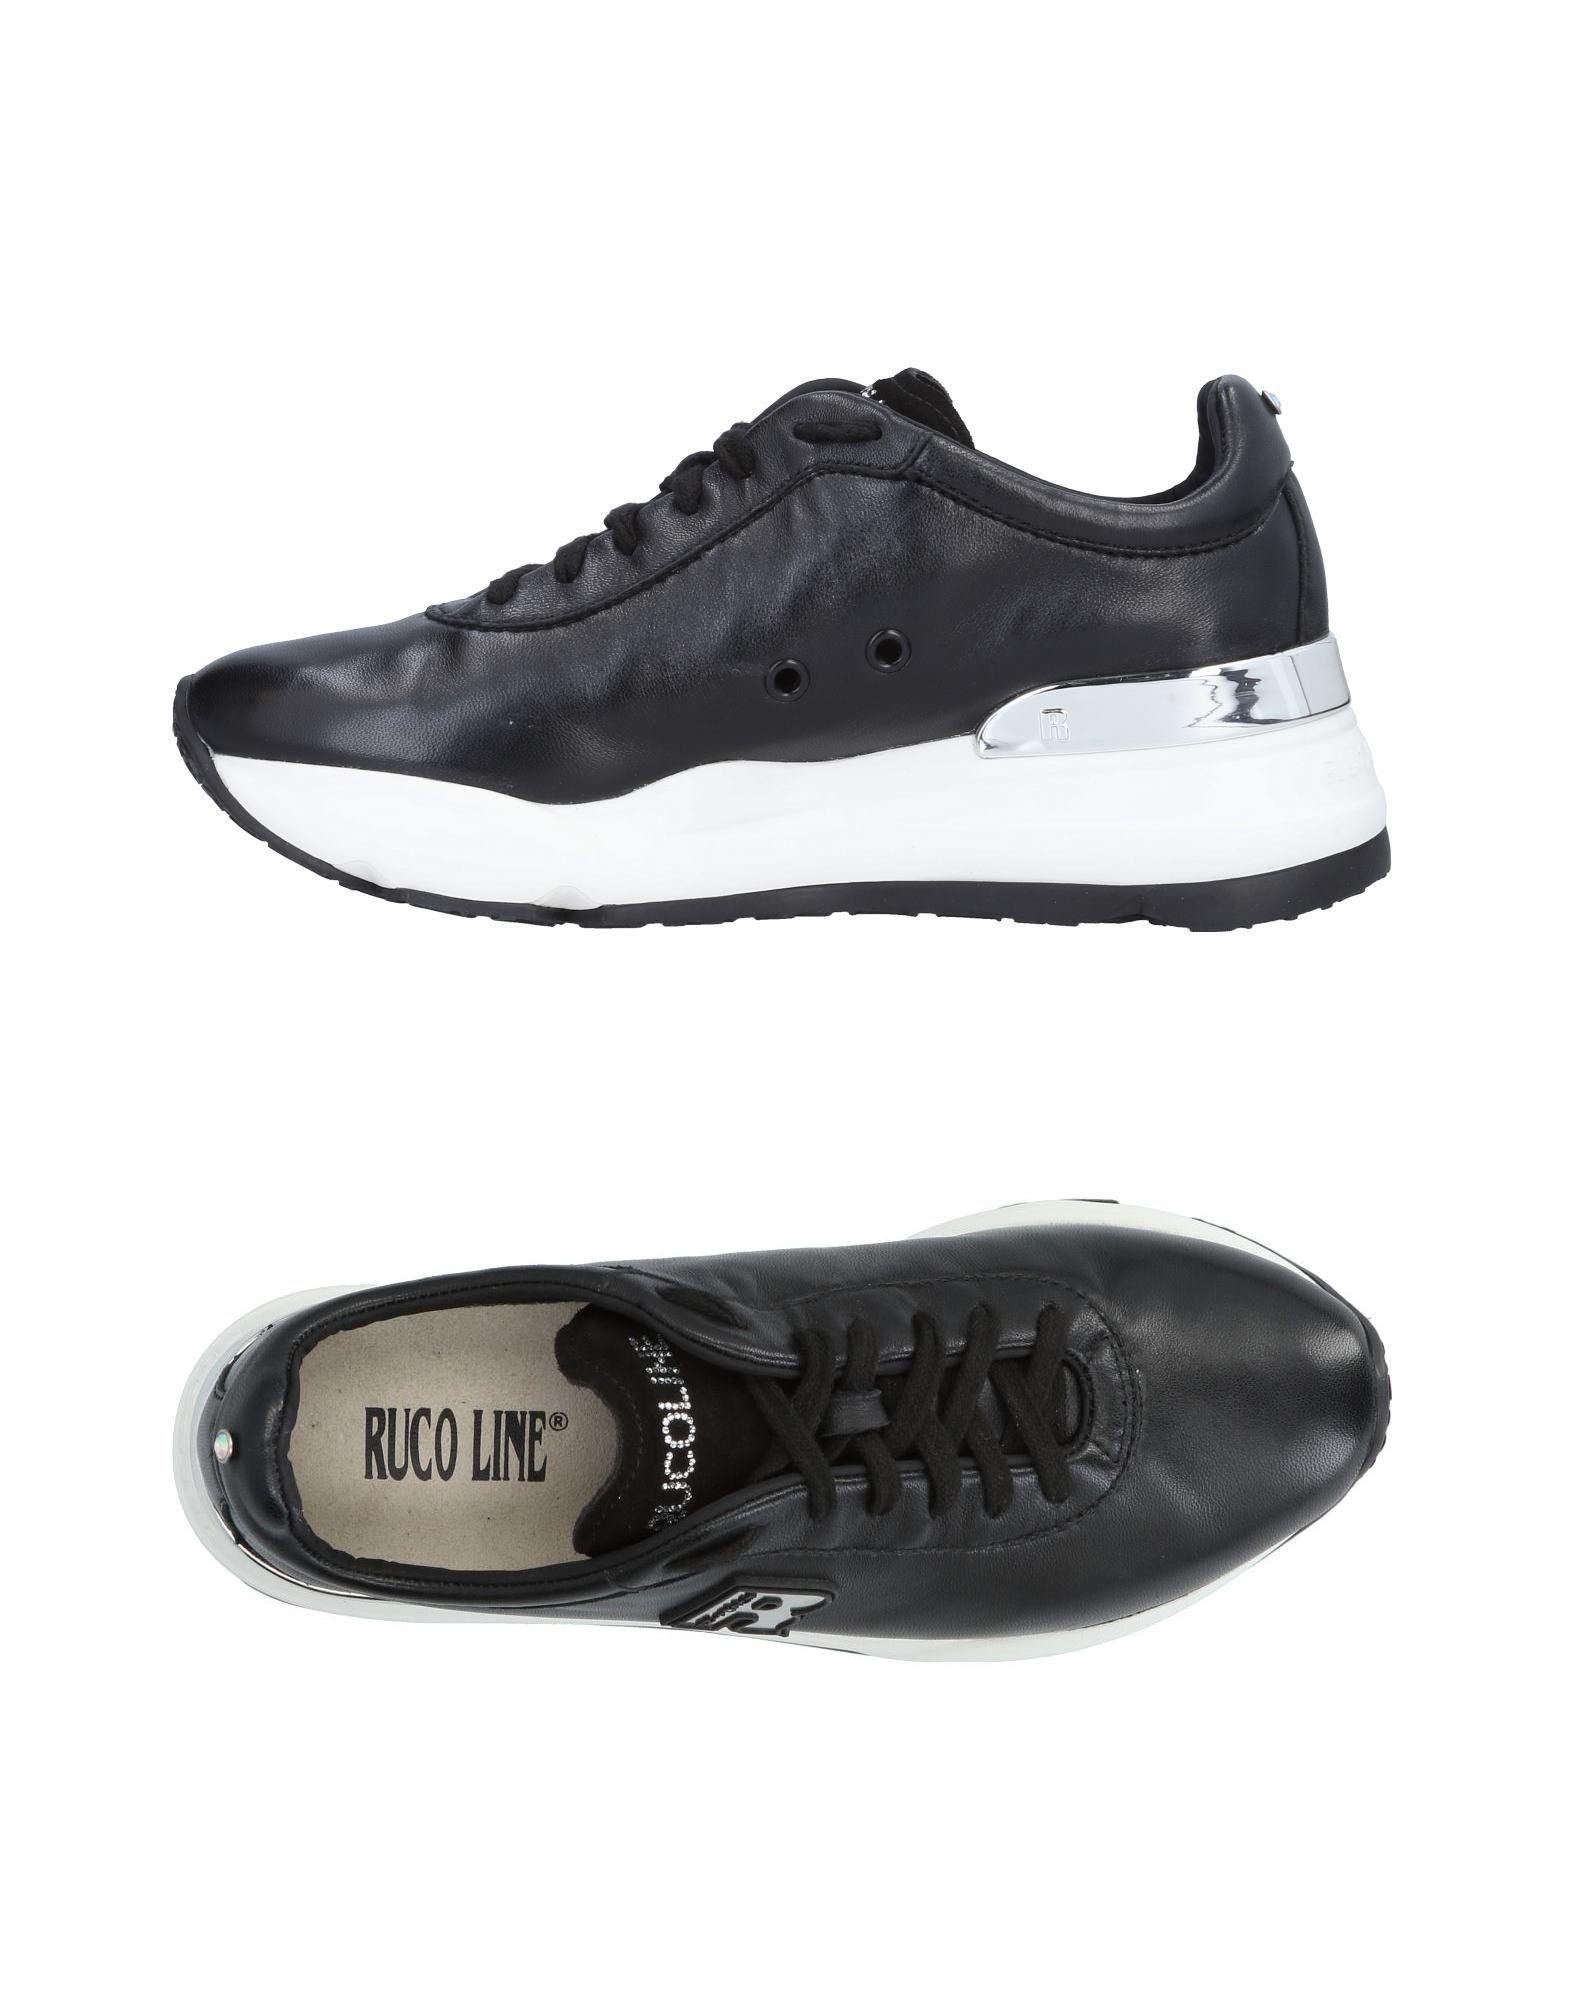 Baskets Ruco Line Femme - Baskets Ruco Line Noir et Nouvelles chaussures pour hommes et Noir femmes, remise limitée dans le temps 5a1486